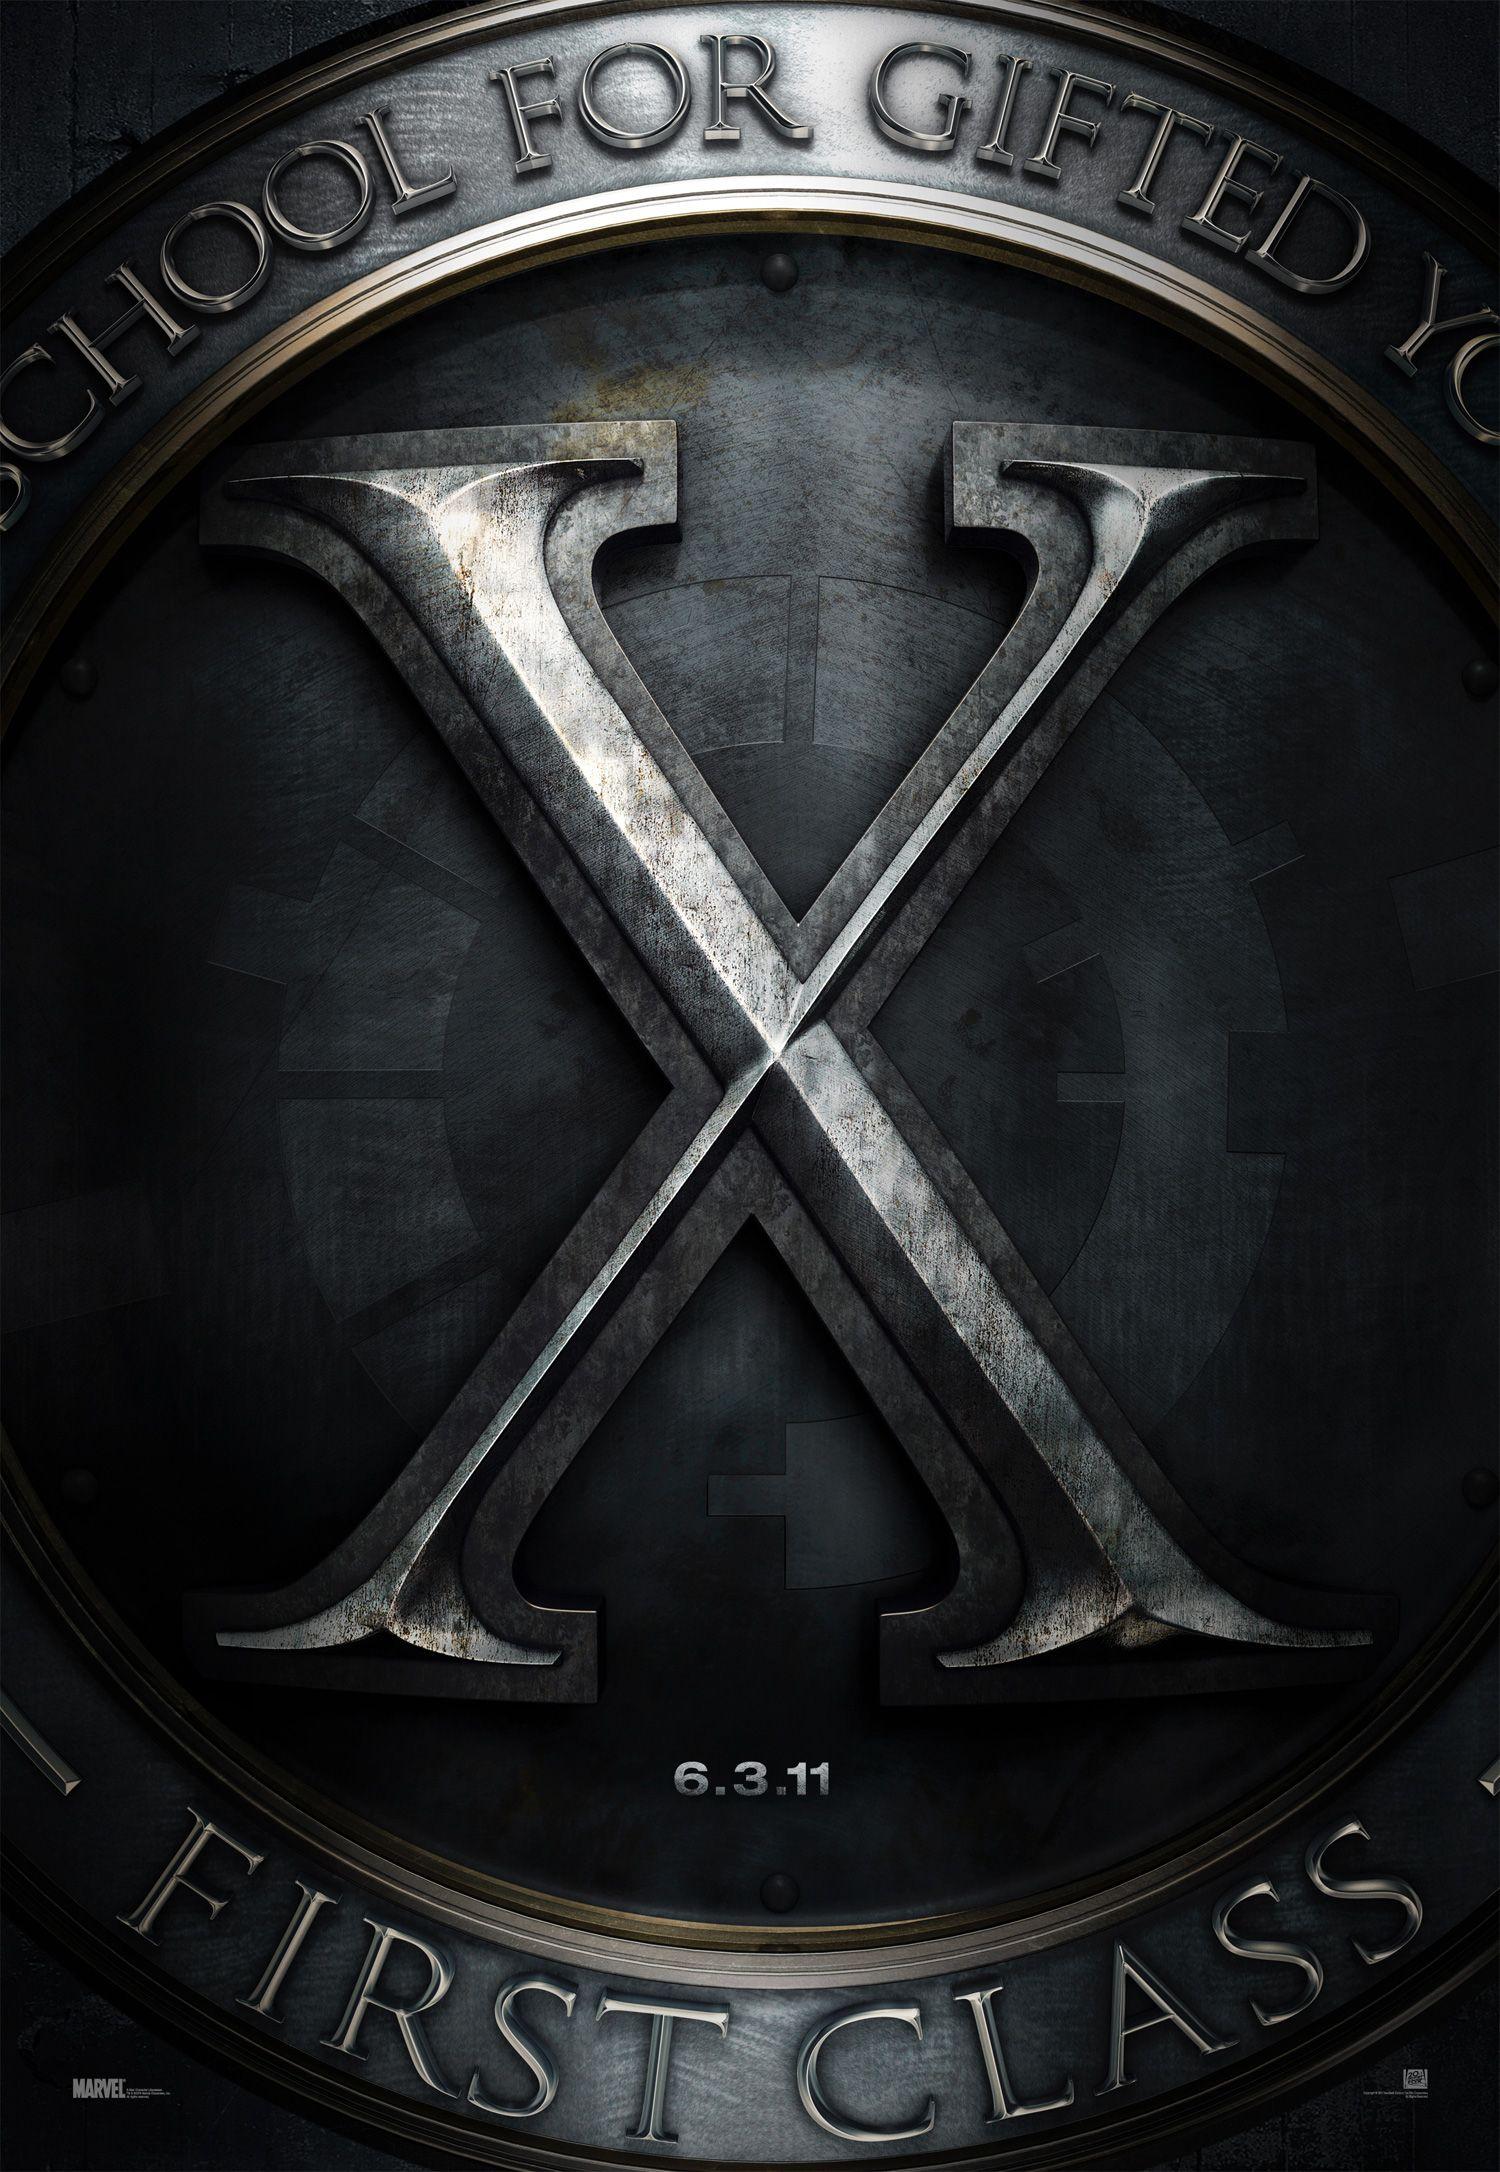 X-Men: First Class Review: A Very Groovy Mutation | Collider